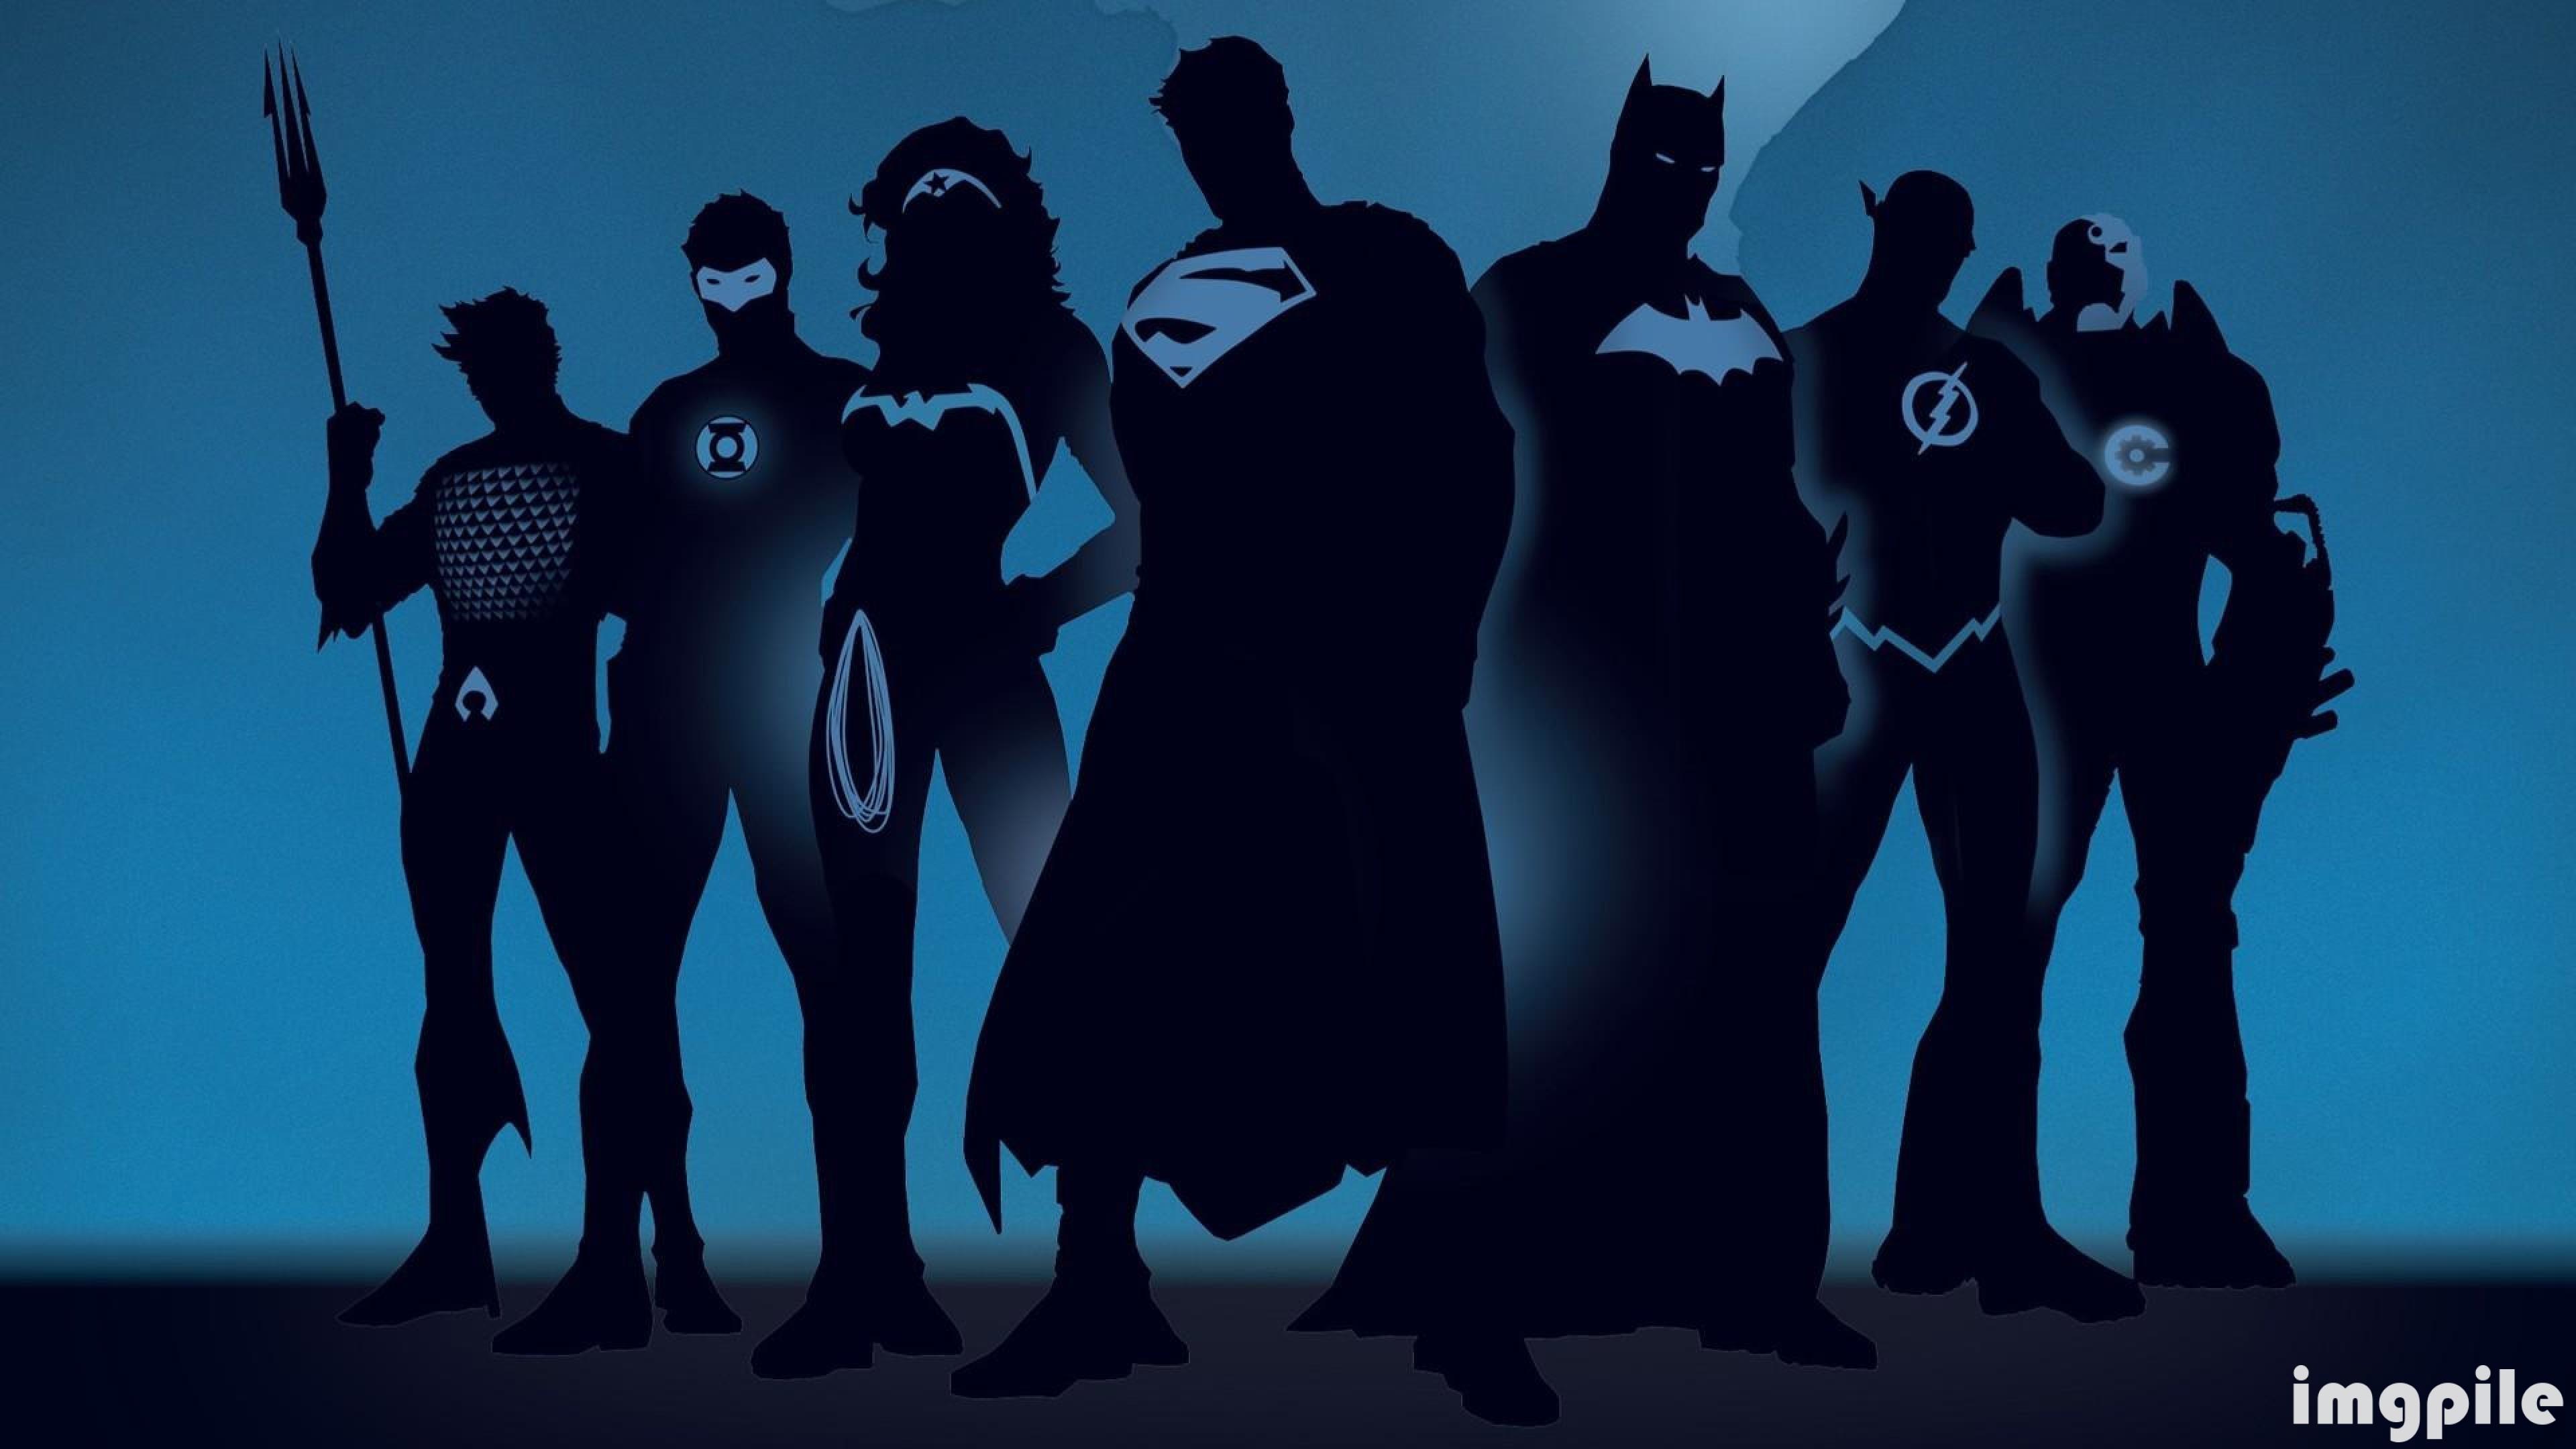 Superhero 4K movie wallpaper 28   ImgPile 3840x2160